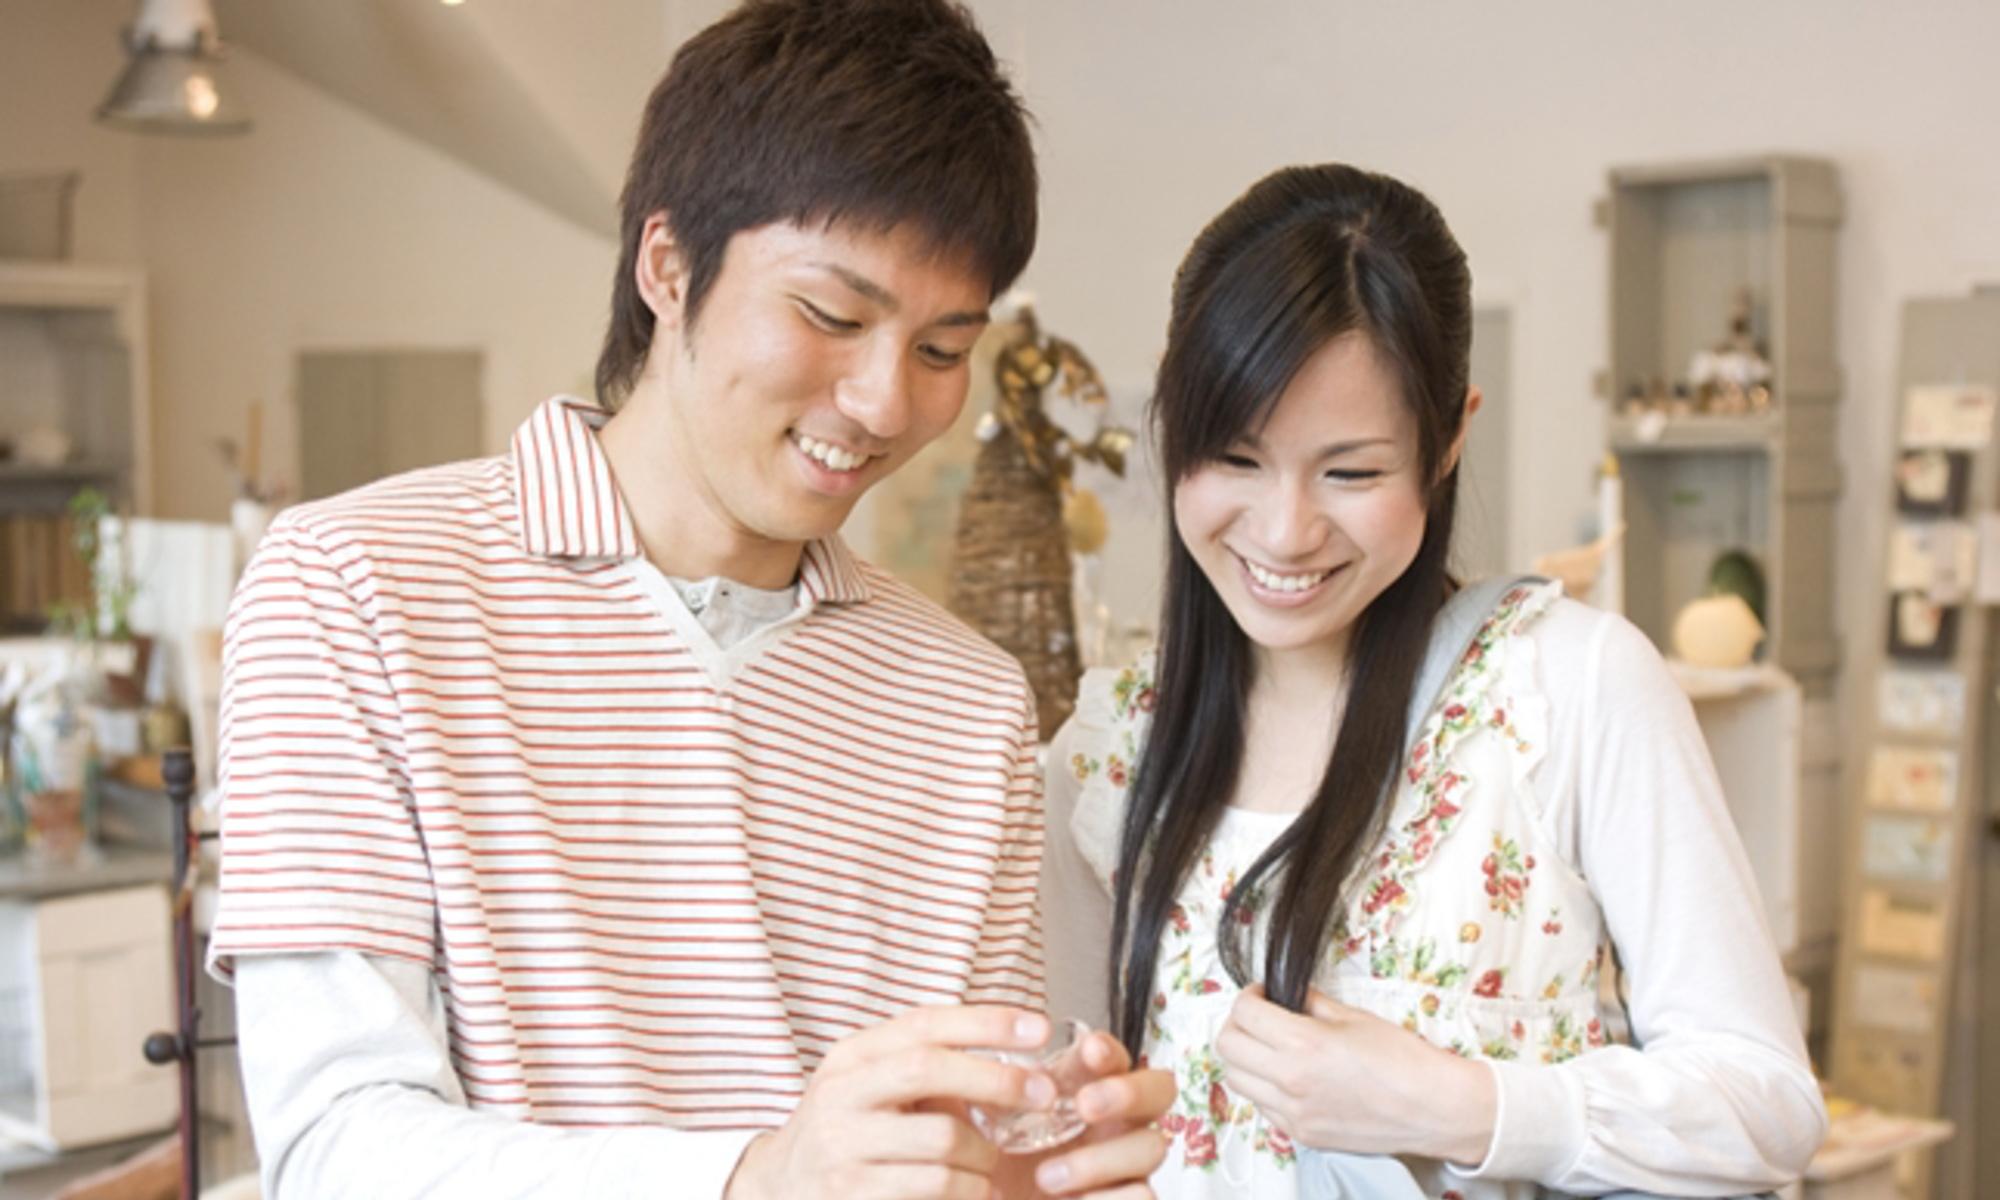 豊島区池袋の結婚相談所お見合いイメージデート中